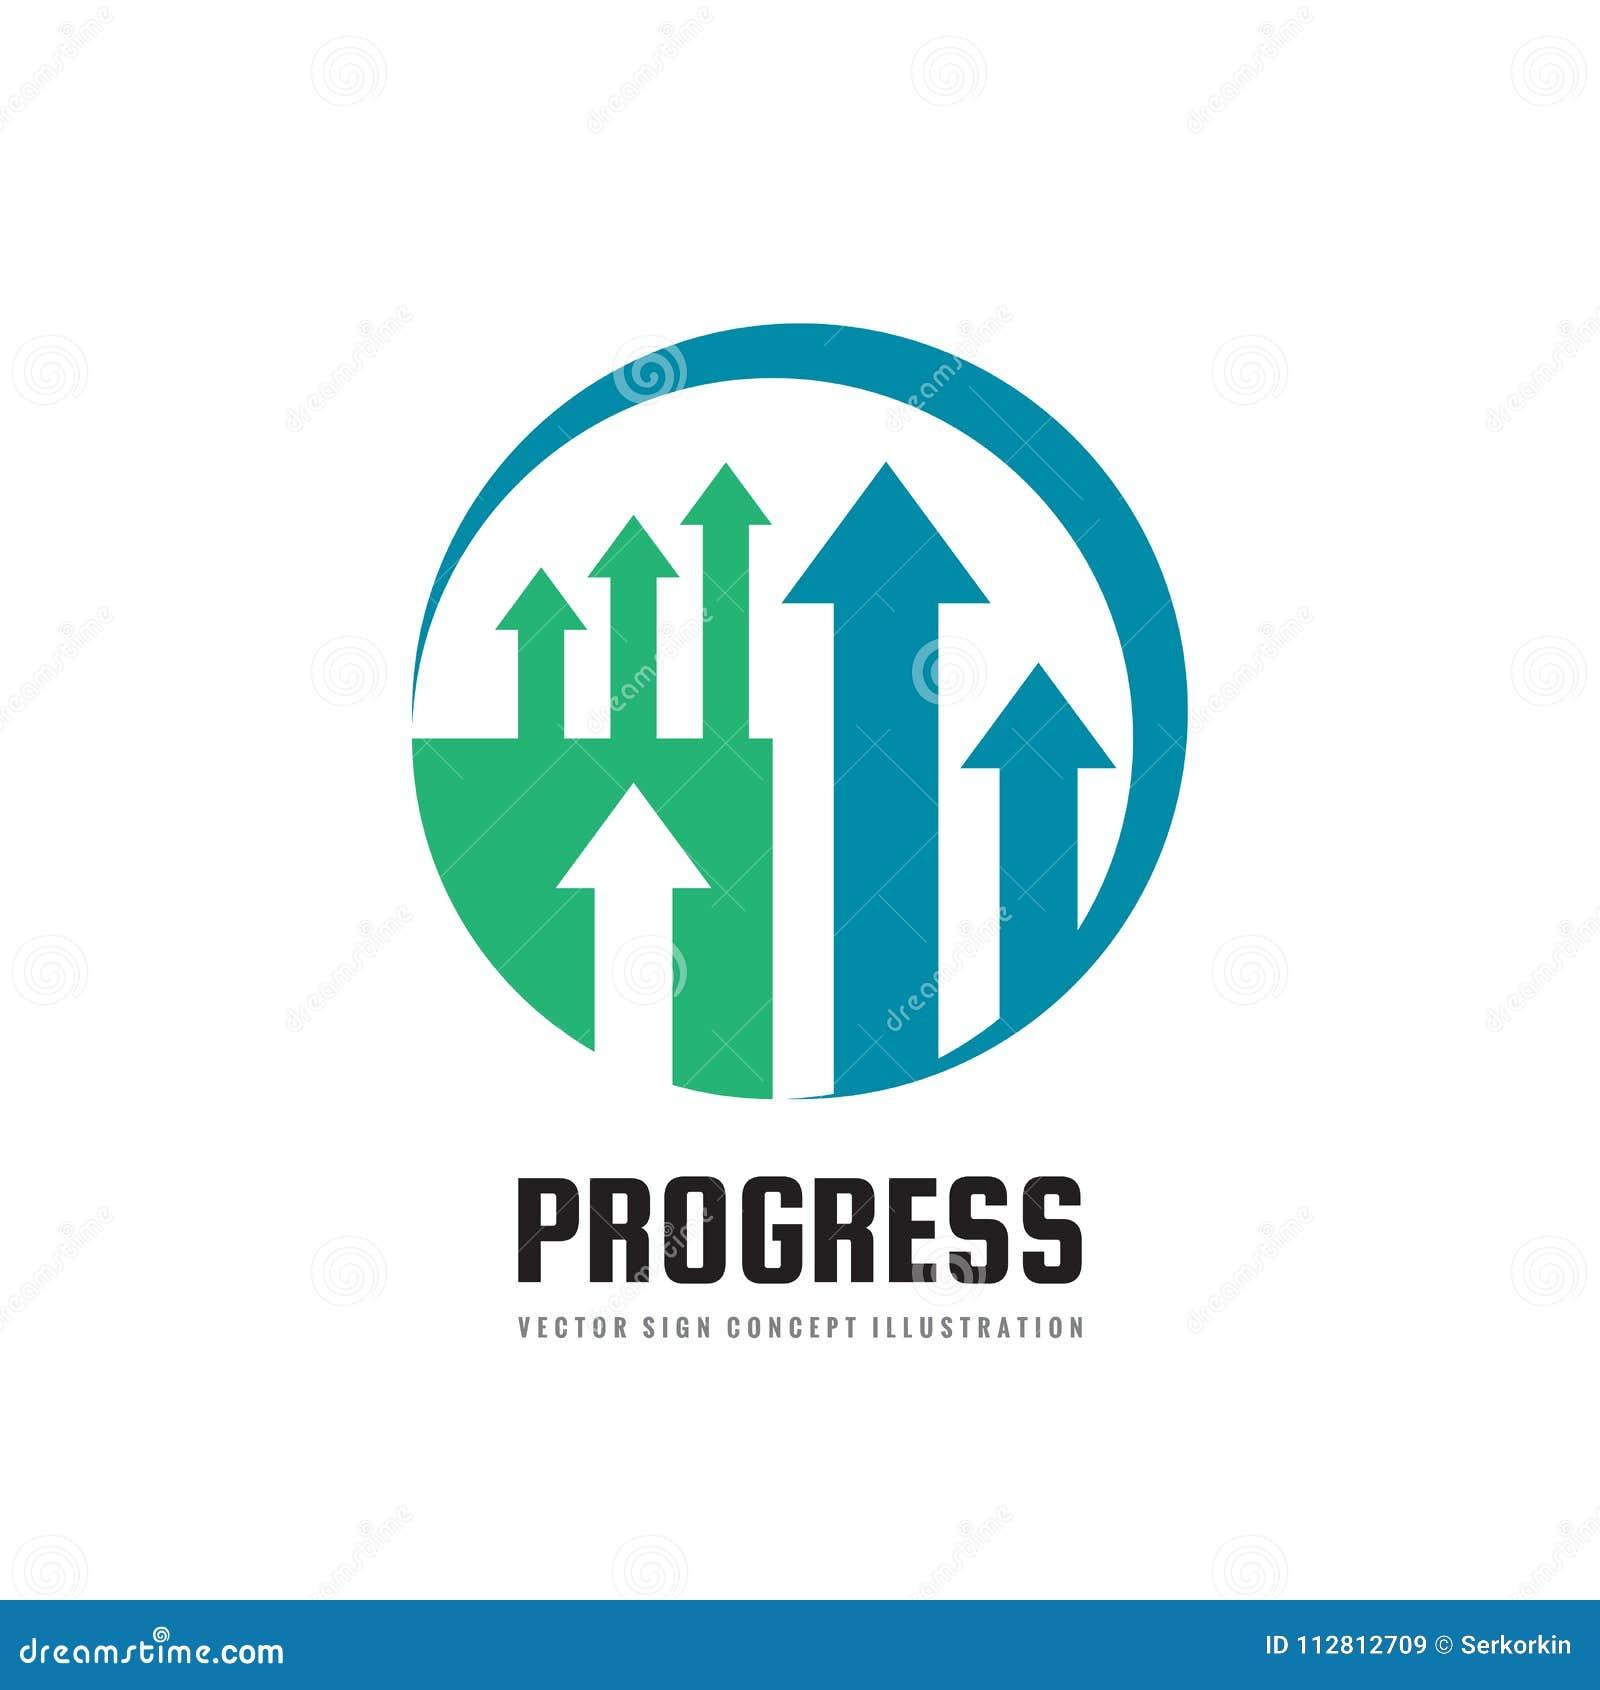 Fortschritt - Vektorgeschäftslogoschablonen-Konzeptillustration Abstraktes Pfeilsymbol Kreatives Zeichen der Devisenmarkttendenz